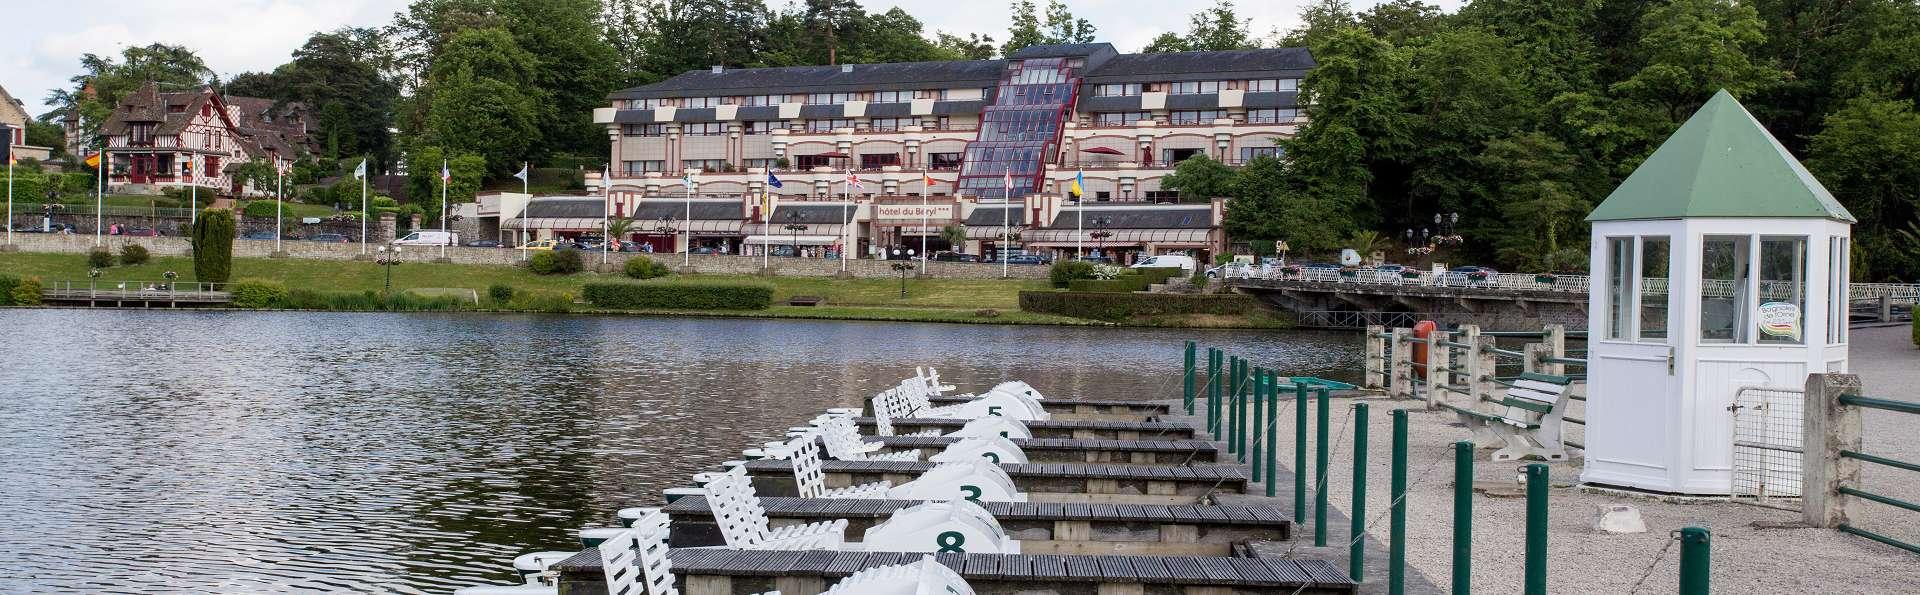 Hôtel et spa du Béryl - Bagnoles de l'Orne - EDIT_Vue_exterieure.jpg